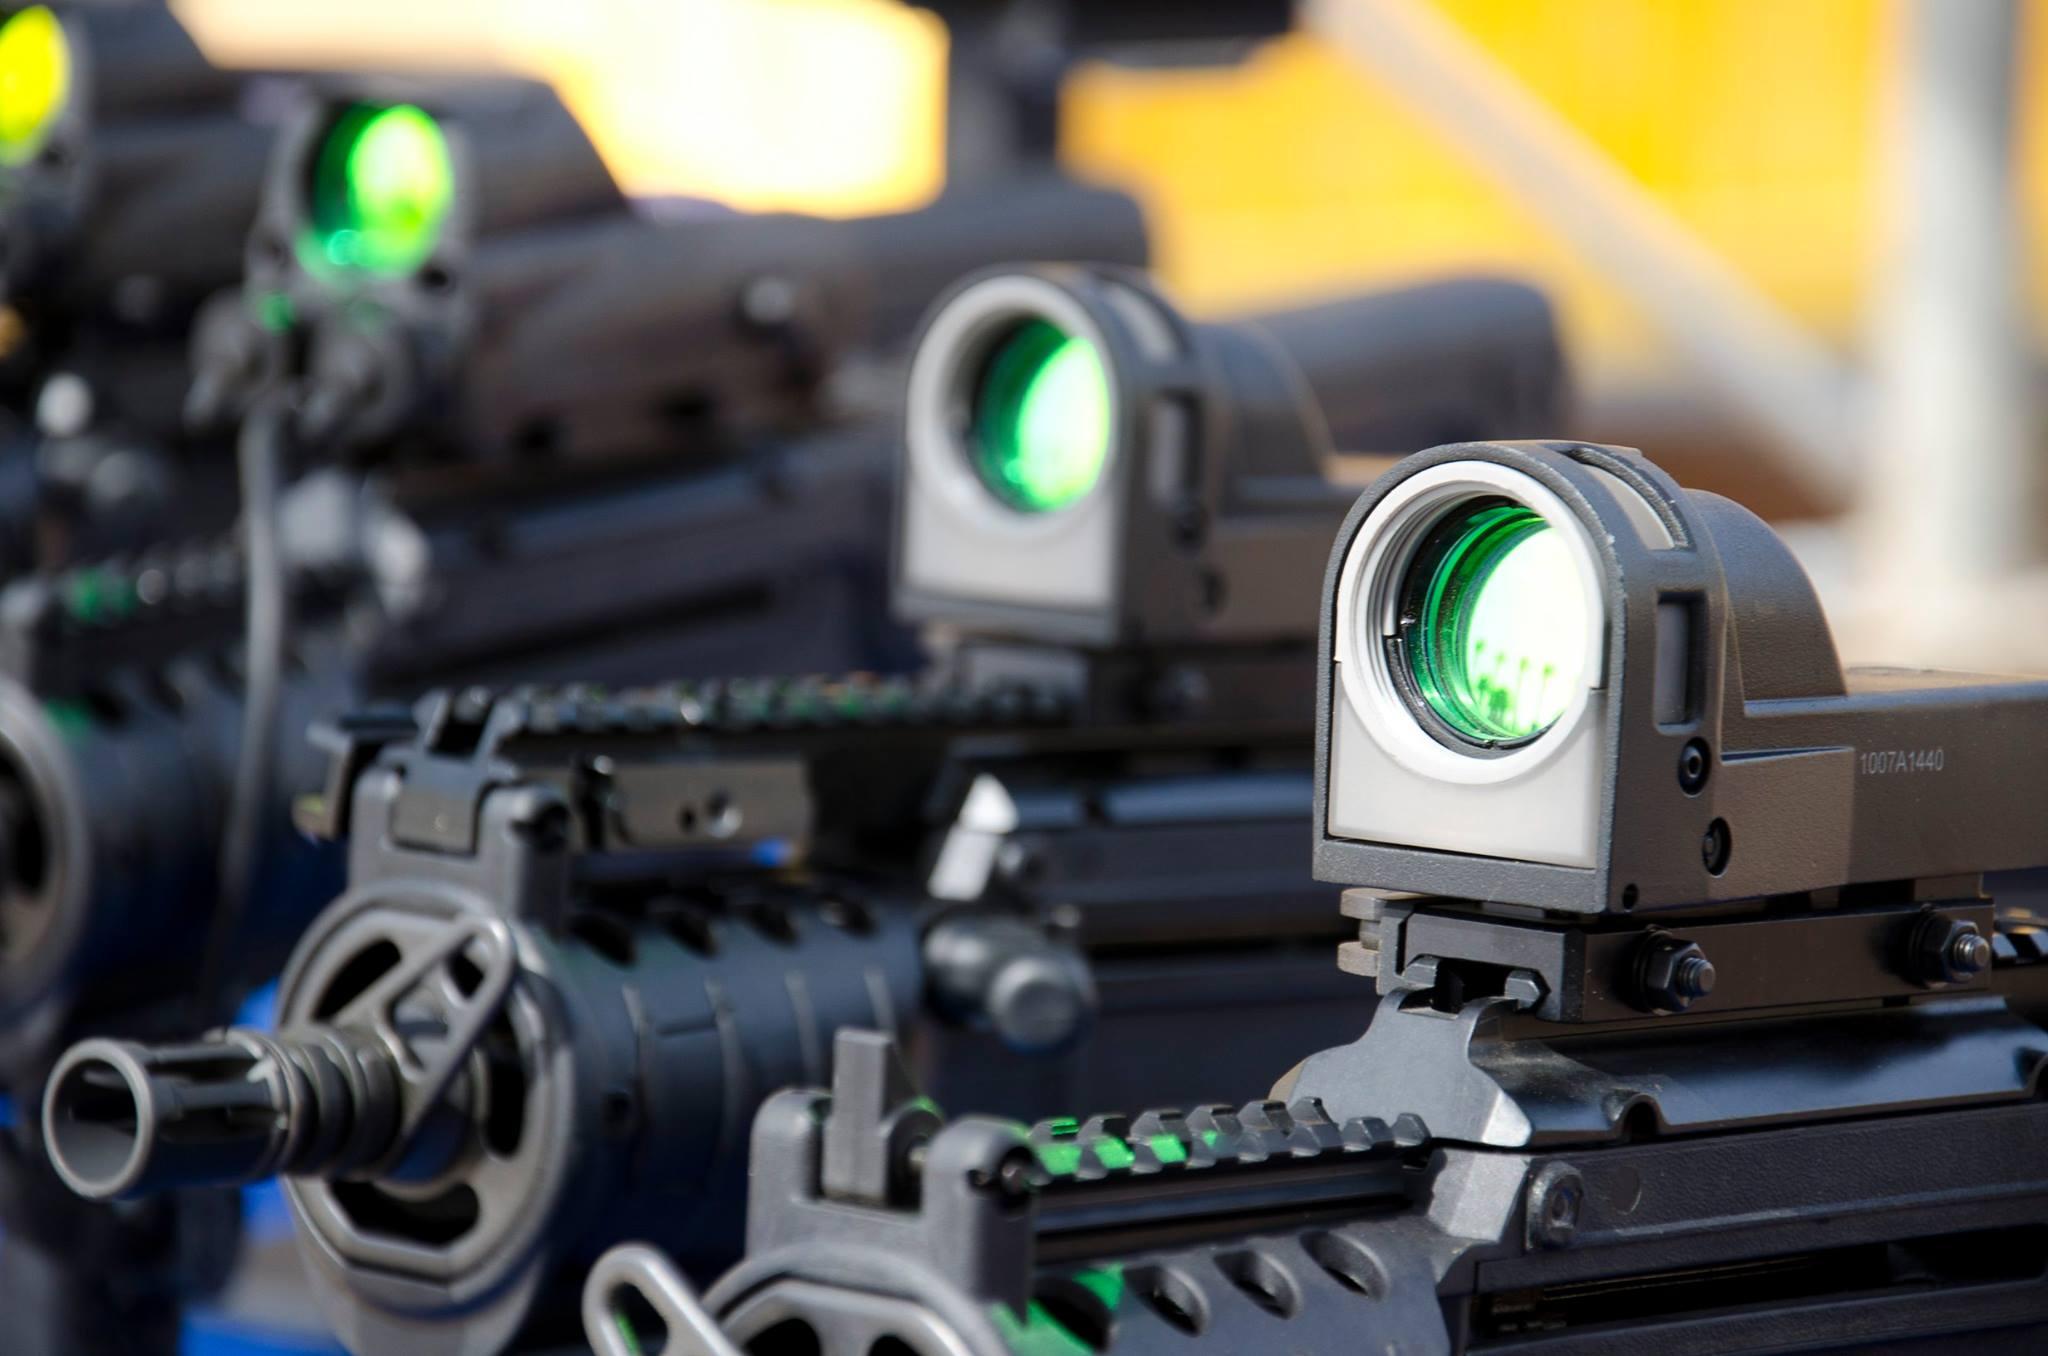 Meprolight M21 Sights